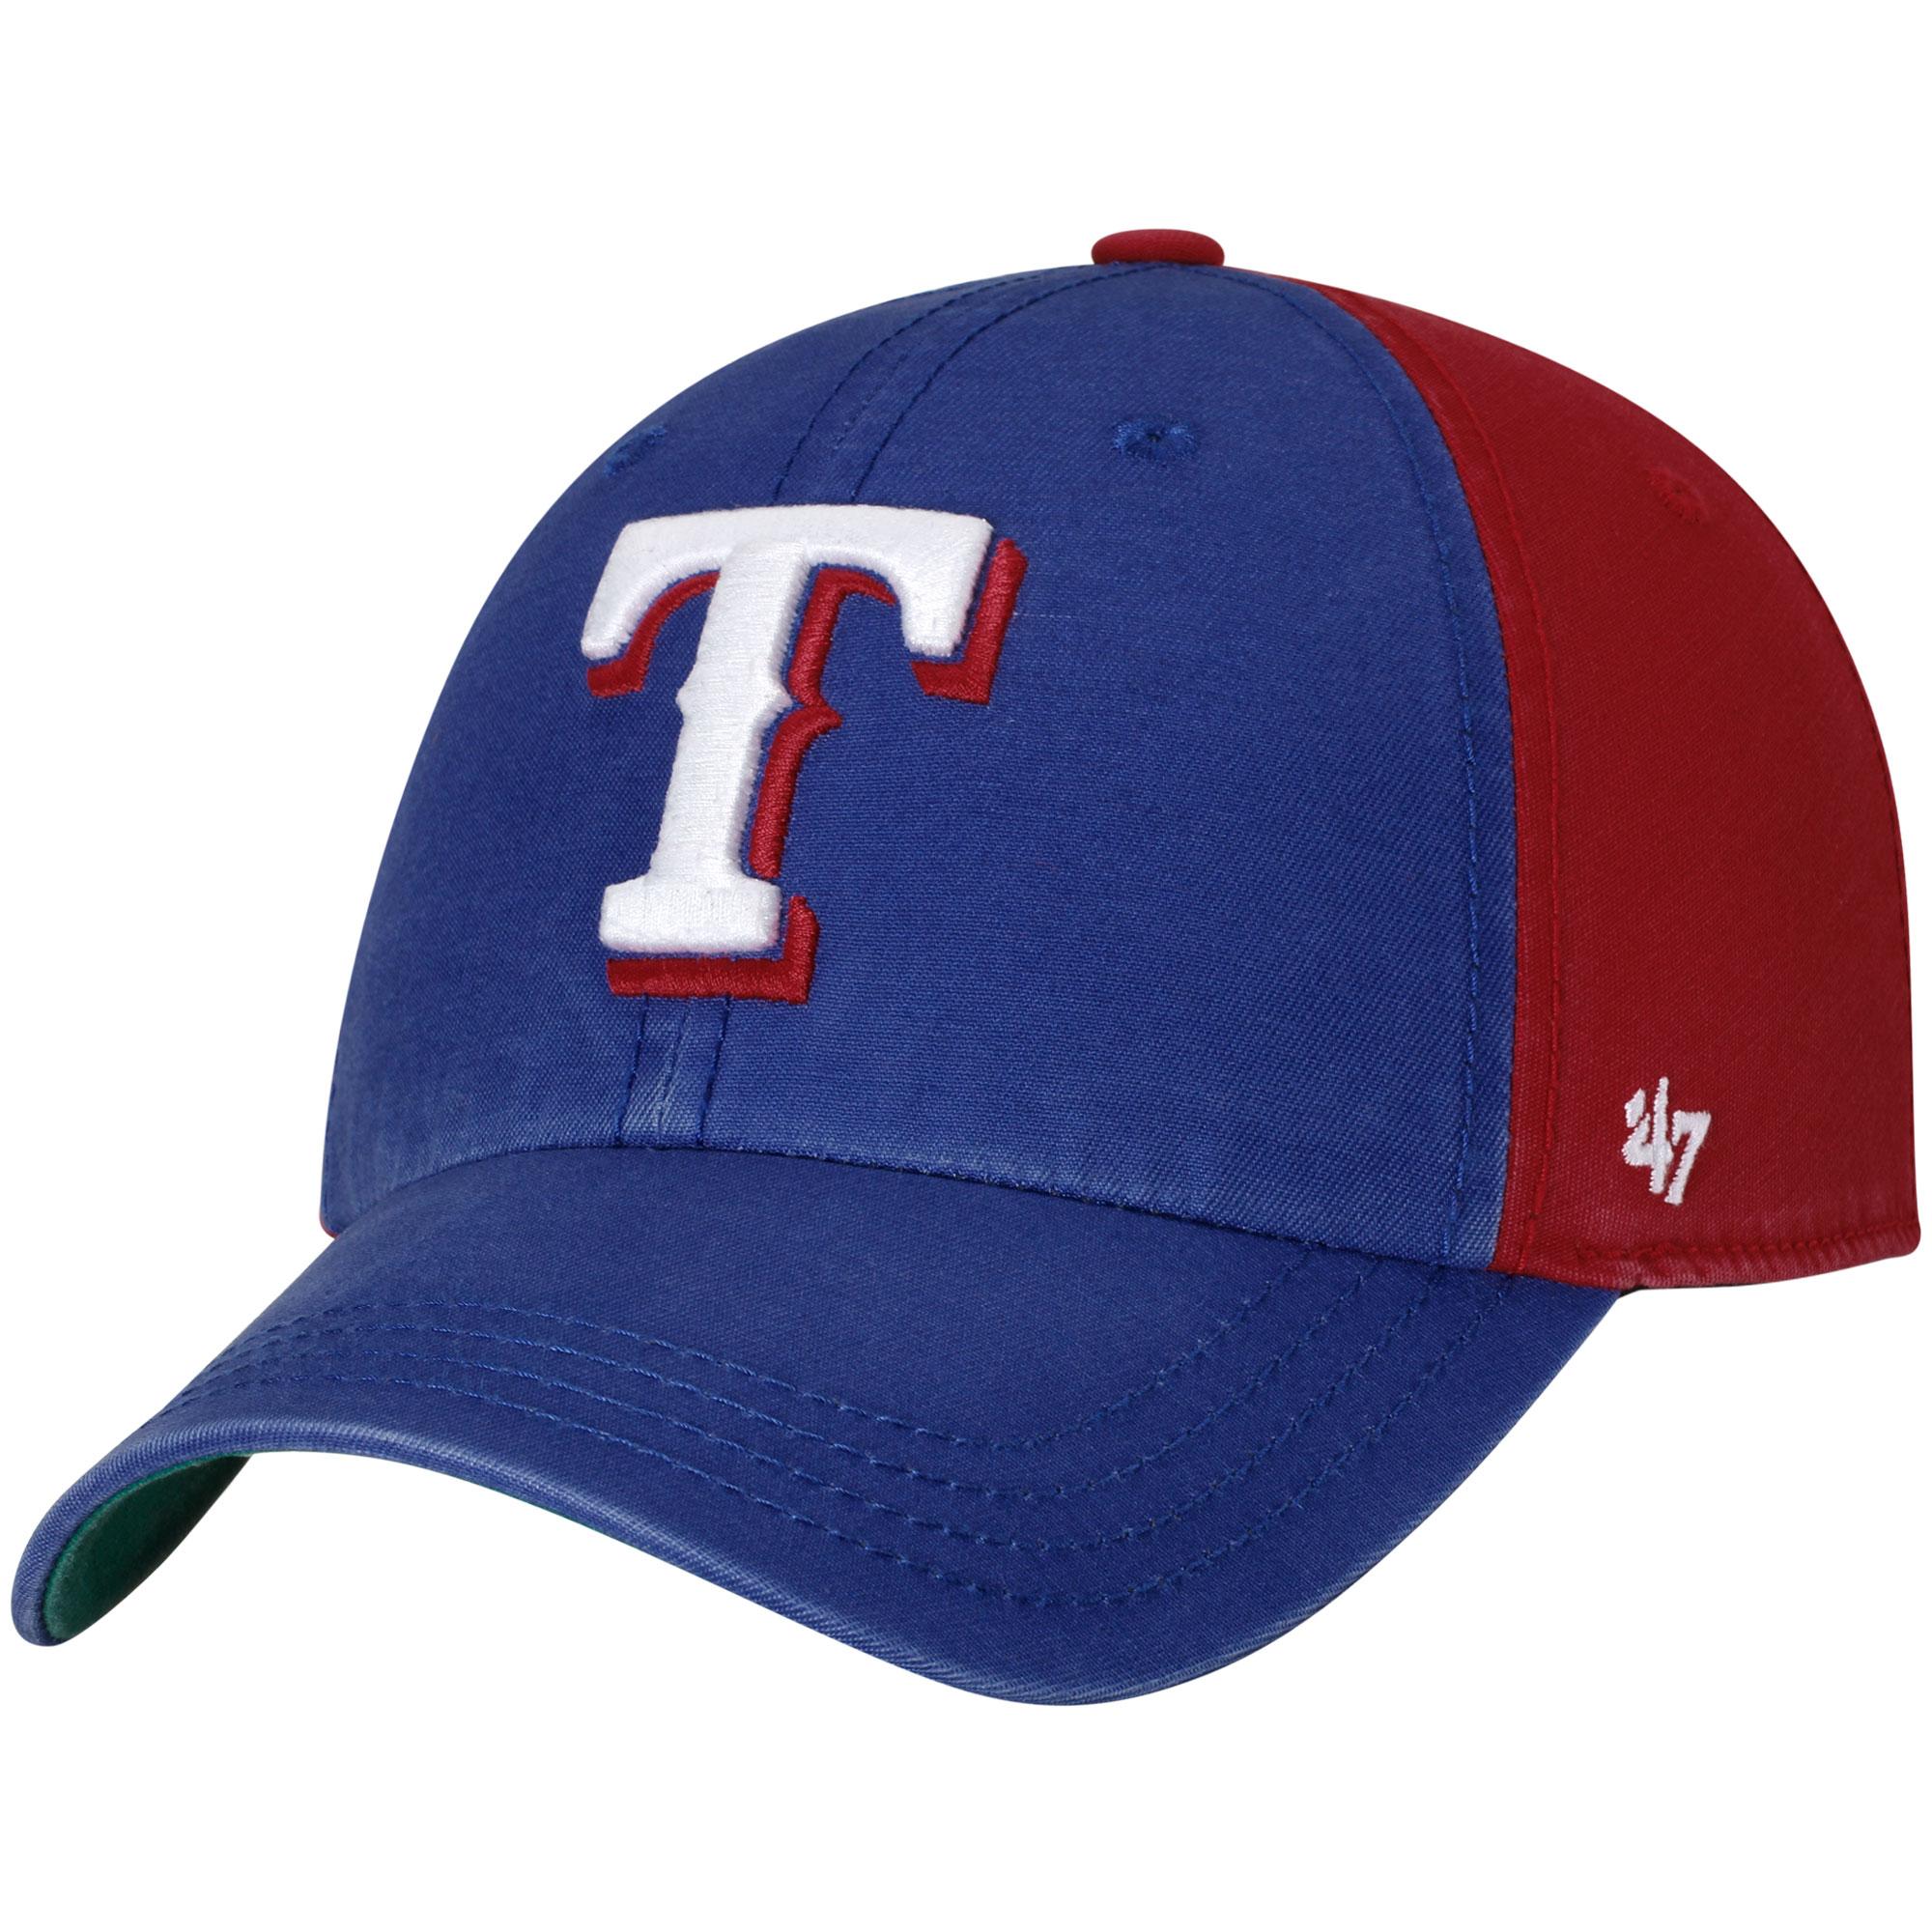 Texas Rangers '47 Flagstaff Clean Up Adjustable Hat - Royal/Red - OSFA